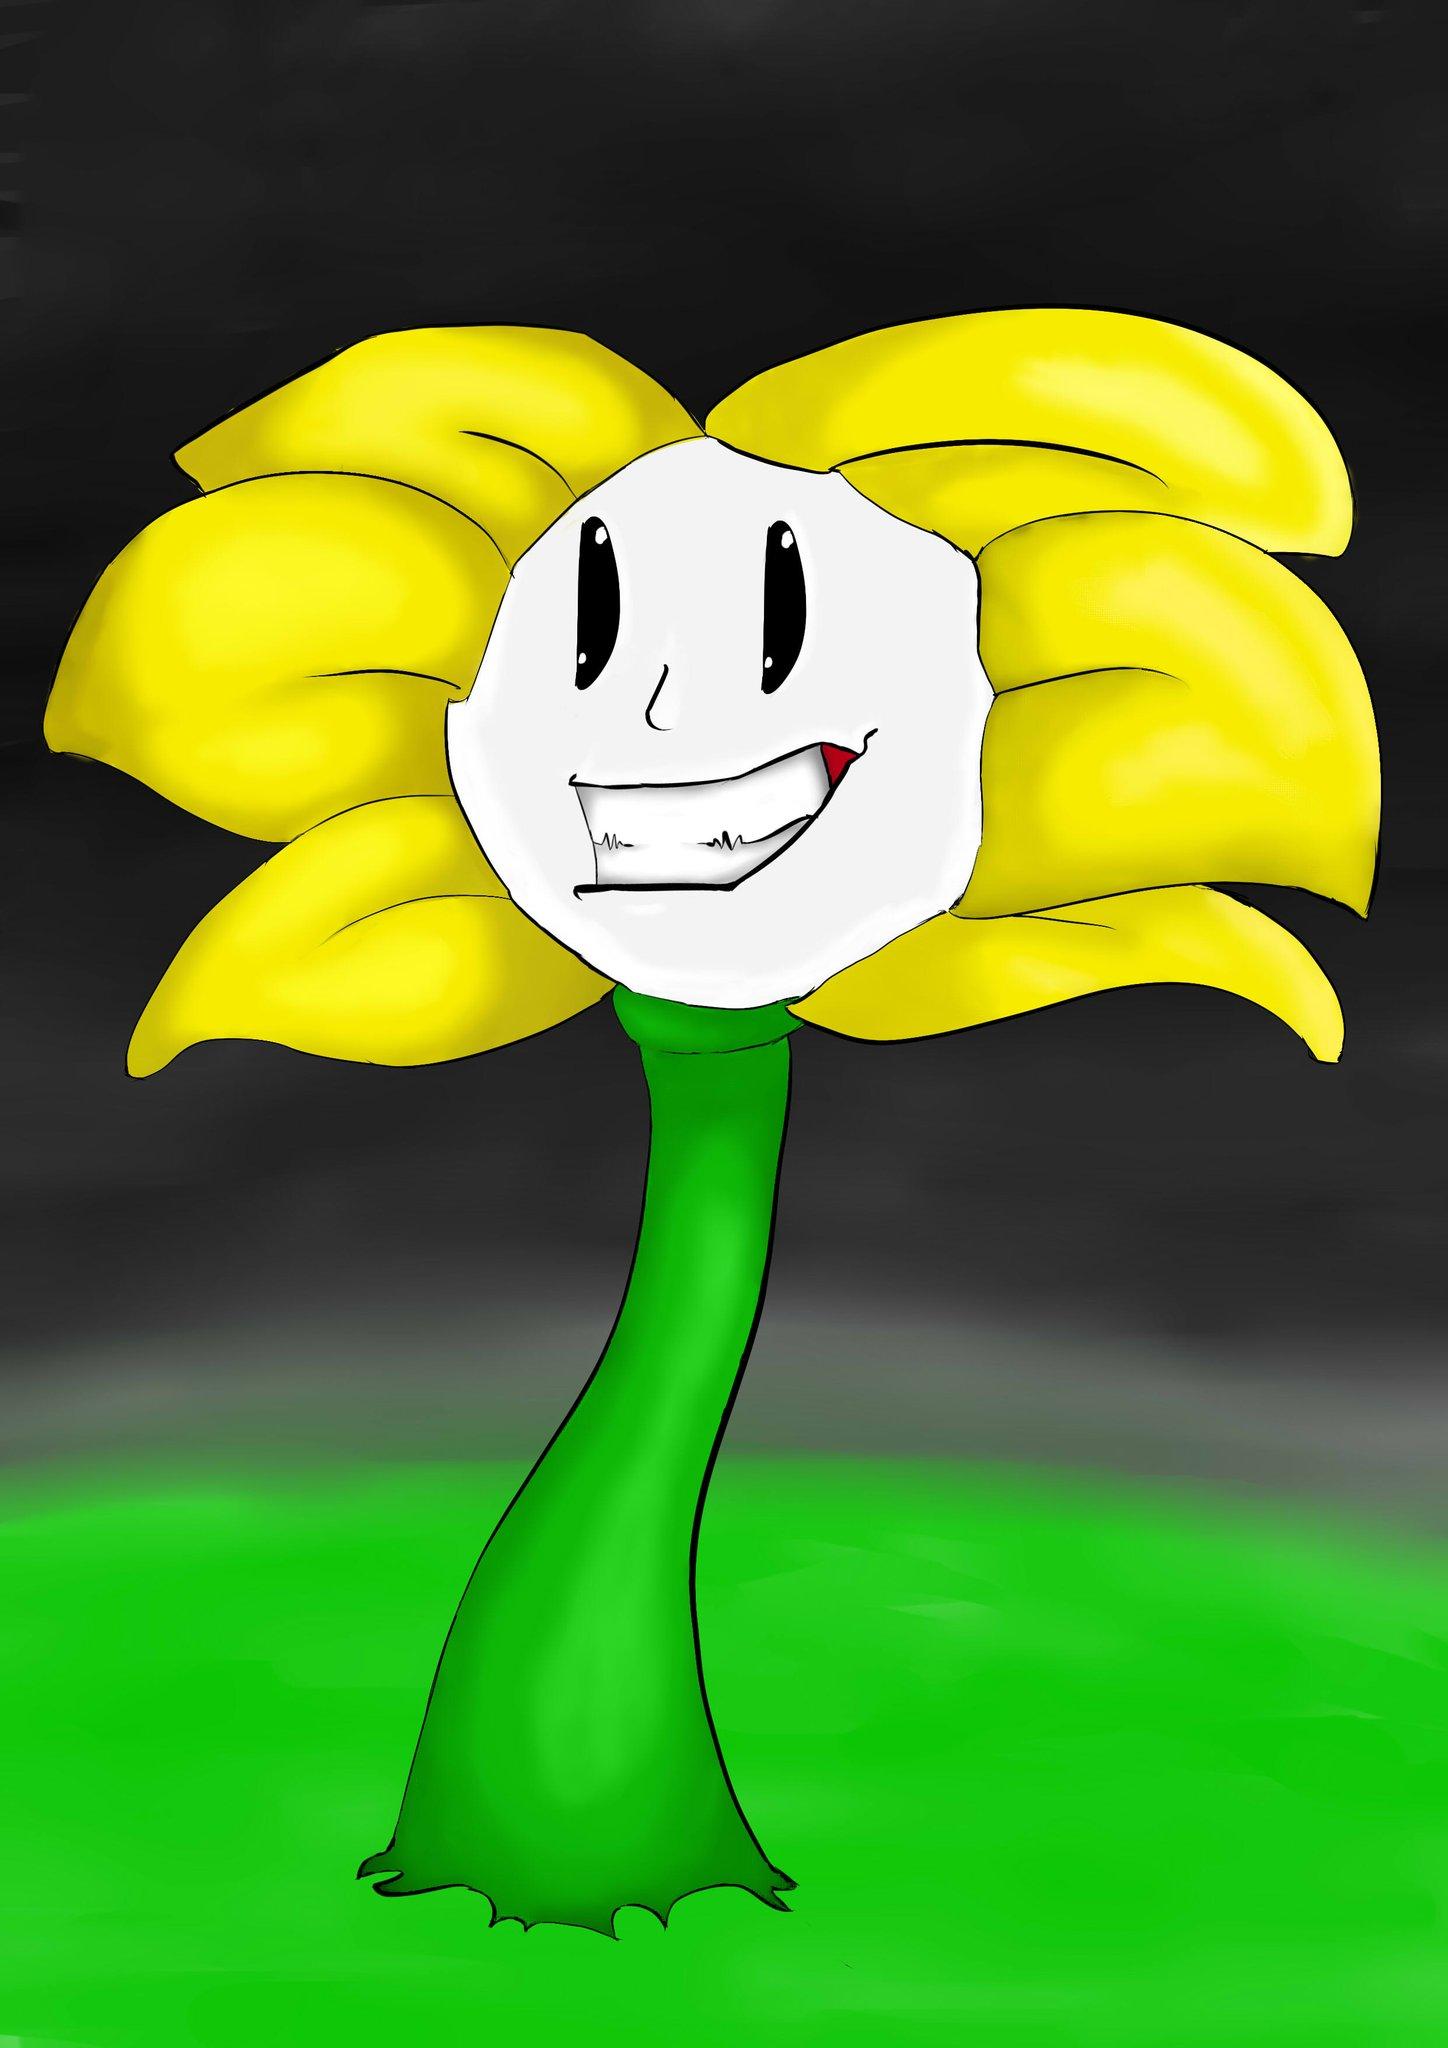 Flowey The Flower by JeffTheGameur on DeviantArt